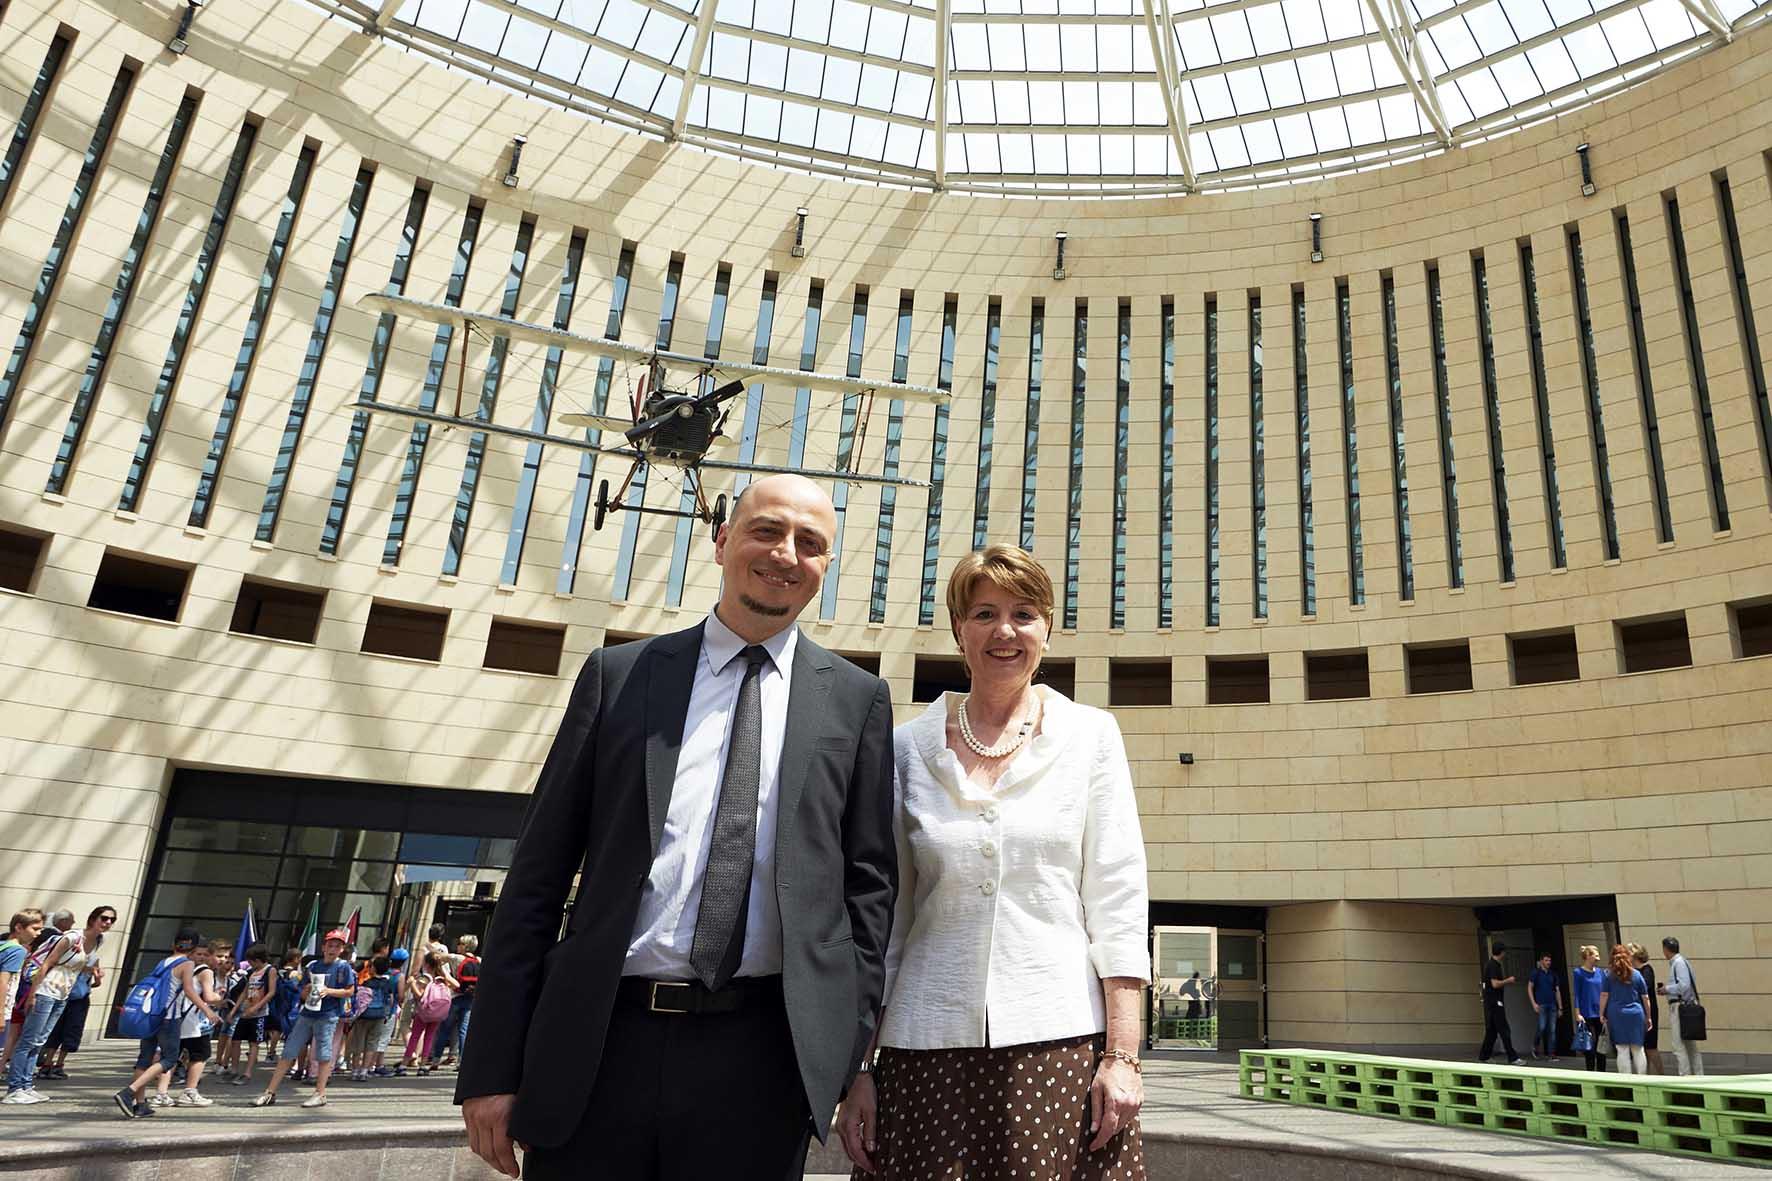 Mart Gianfranco Maraniello e Ilaria Vescovi nella piazza del Mart Foto Daniele Montigiani